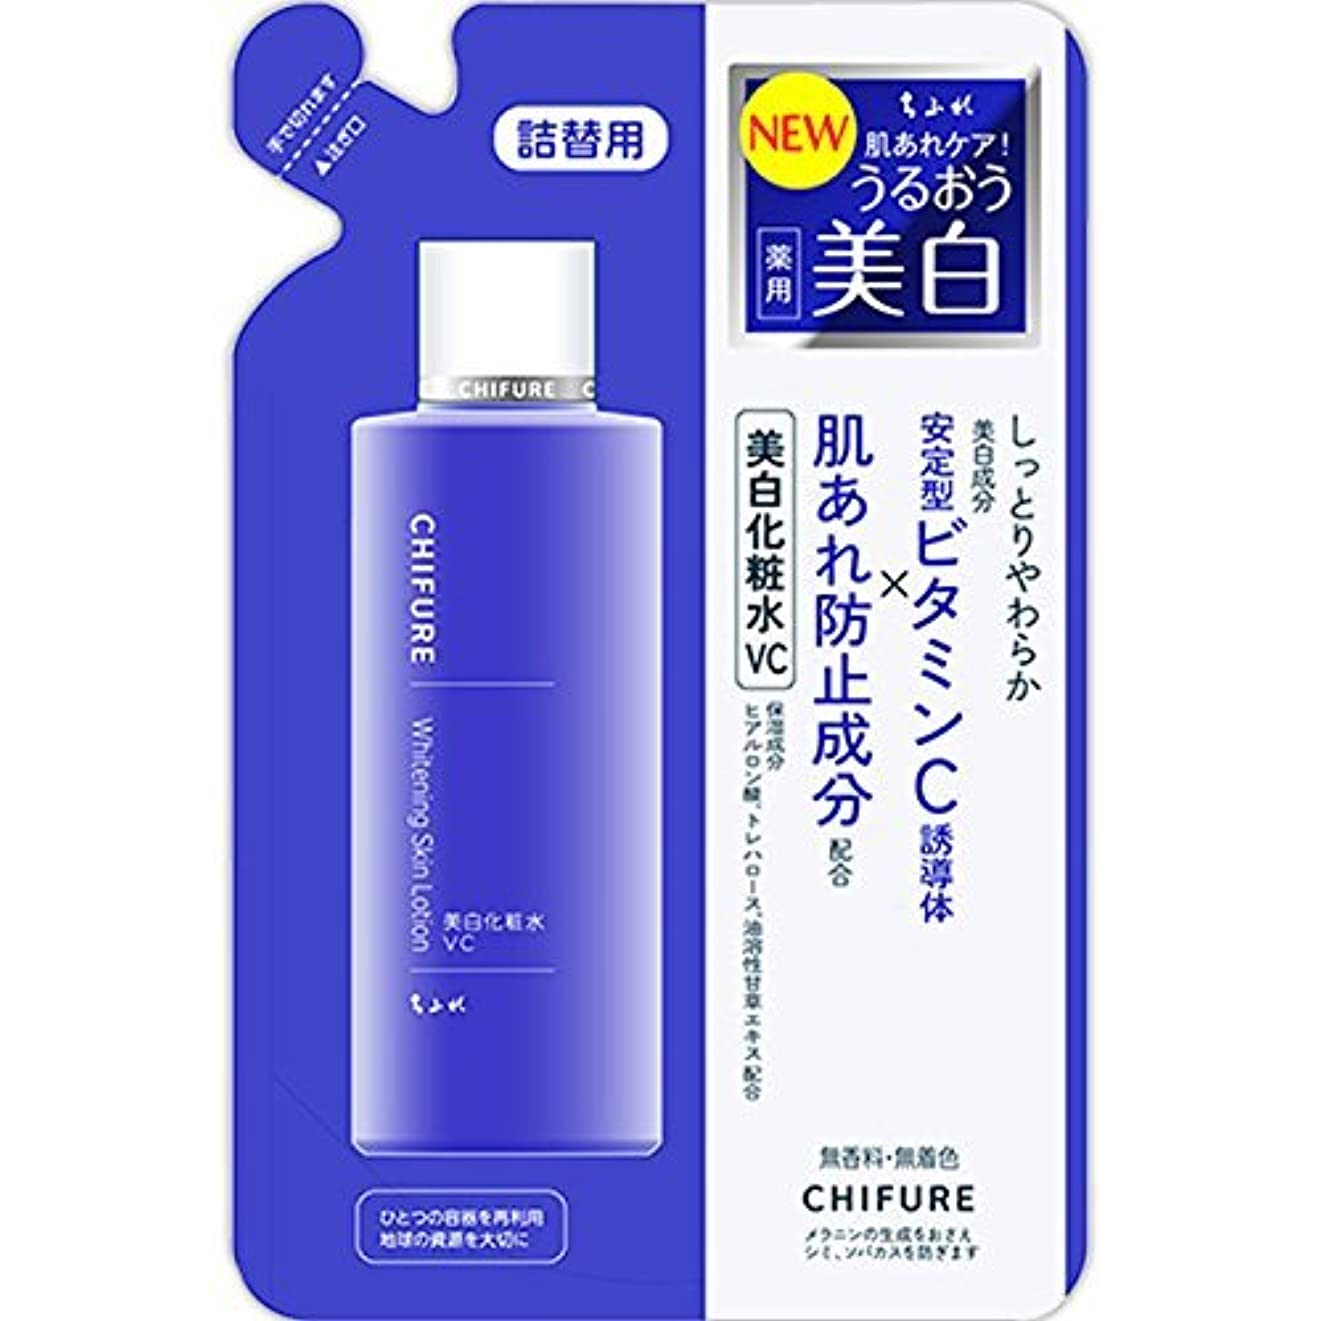 シャトル応答申込みちふれ化粧品 美白化粧水 VC 詰替 180ML (医薬部外品)